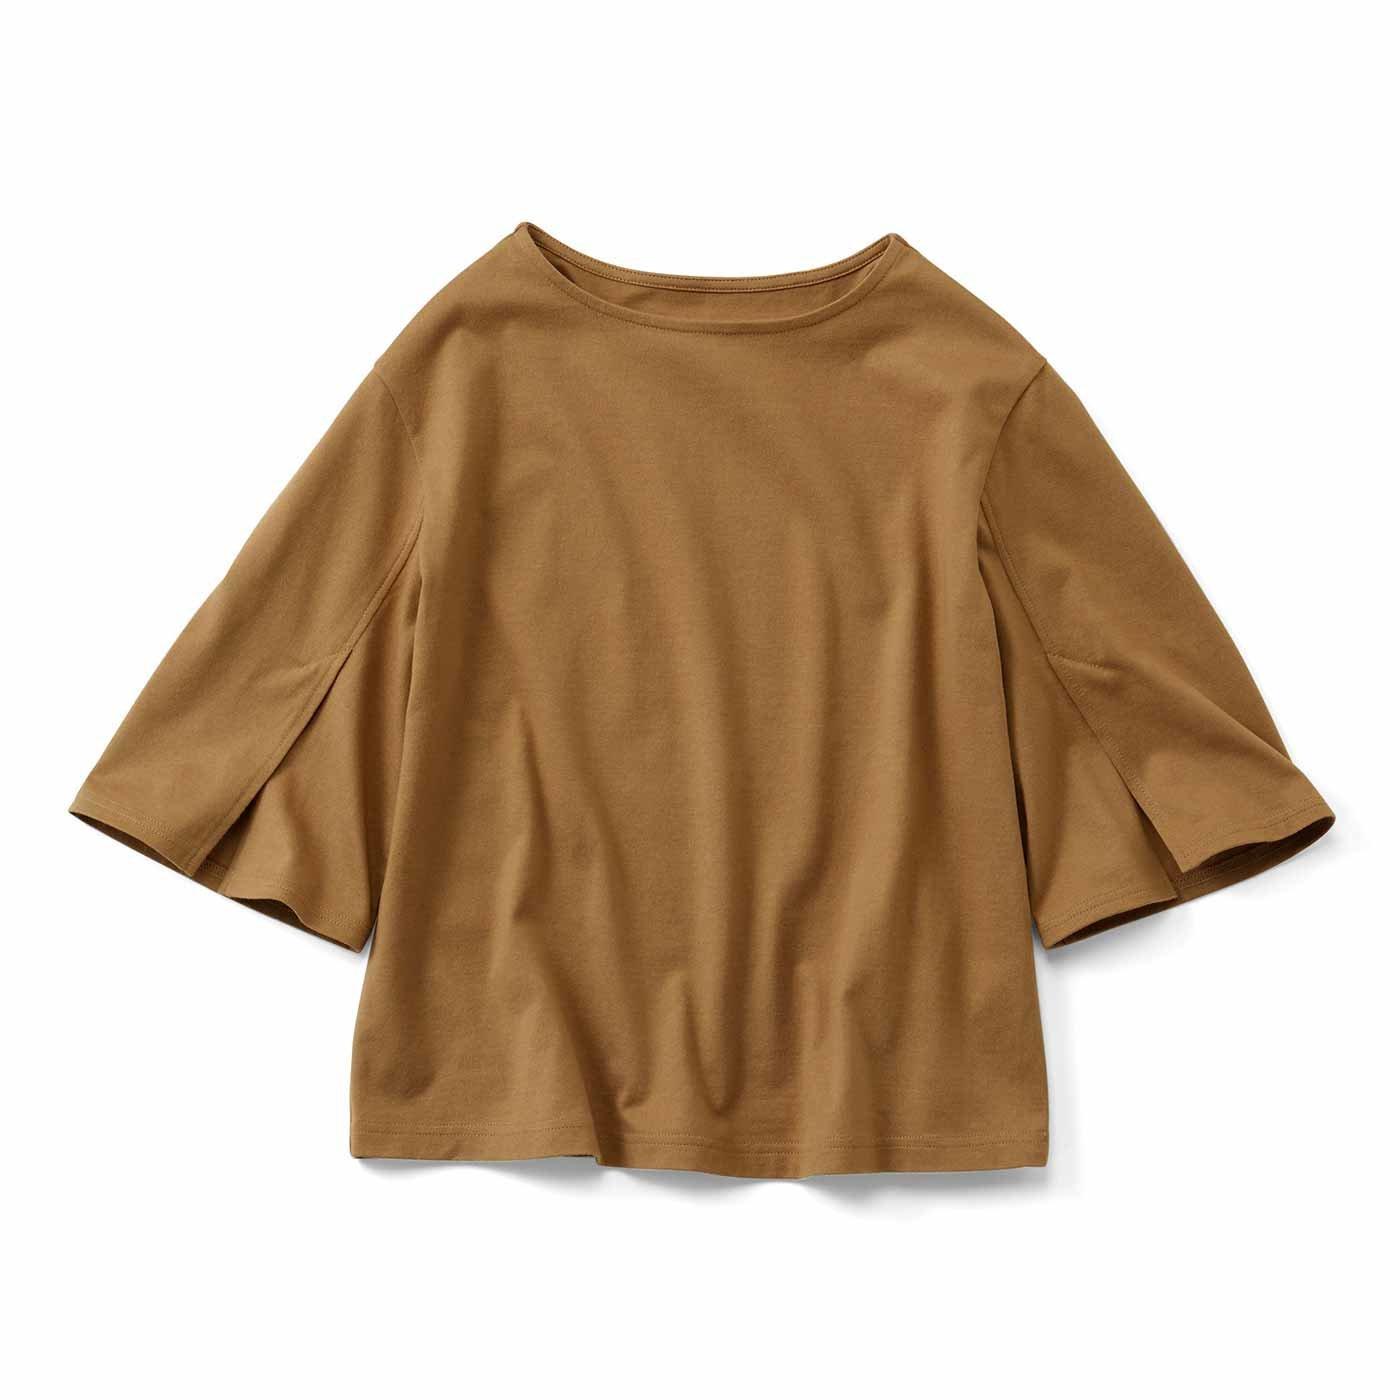 【3~10日でお届け】IEDIT[イディット] 消臭機能×コットン100% 袖スリットデザイントップス〈ブラウン〉